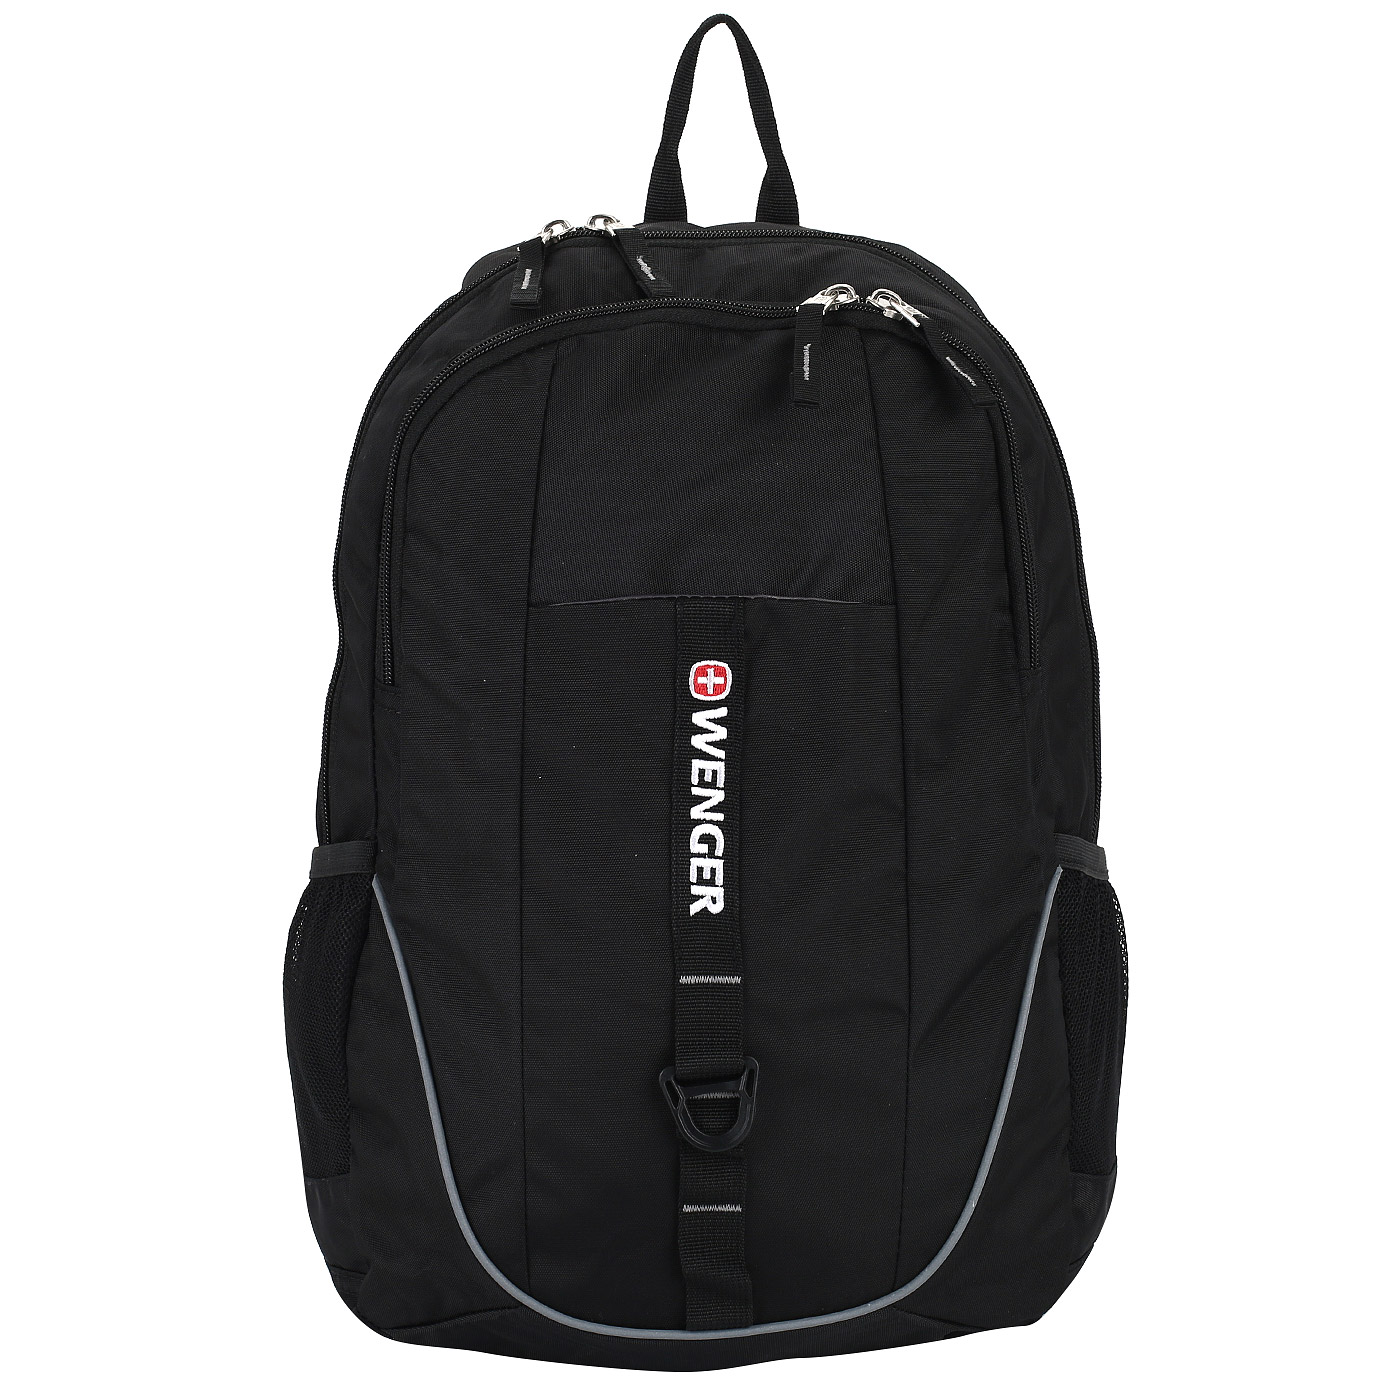 Мужской рюкзак на двойной молнии Wenger Мужской рюкзак на двойной молнии  Wenger ... 0f555582422